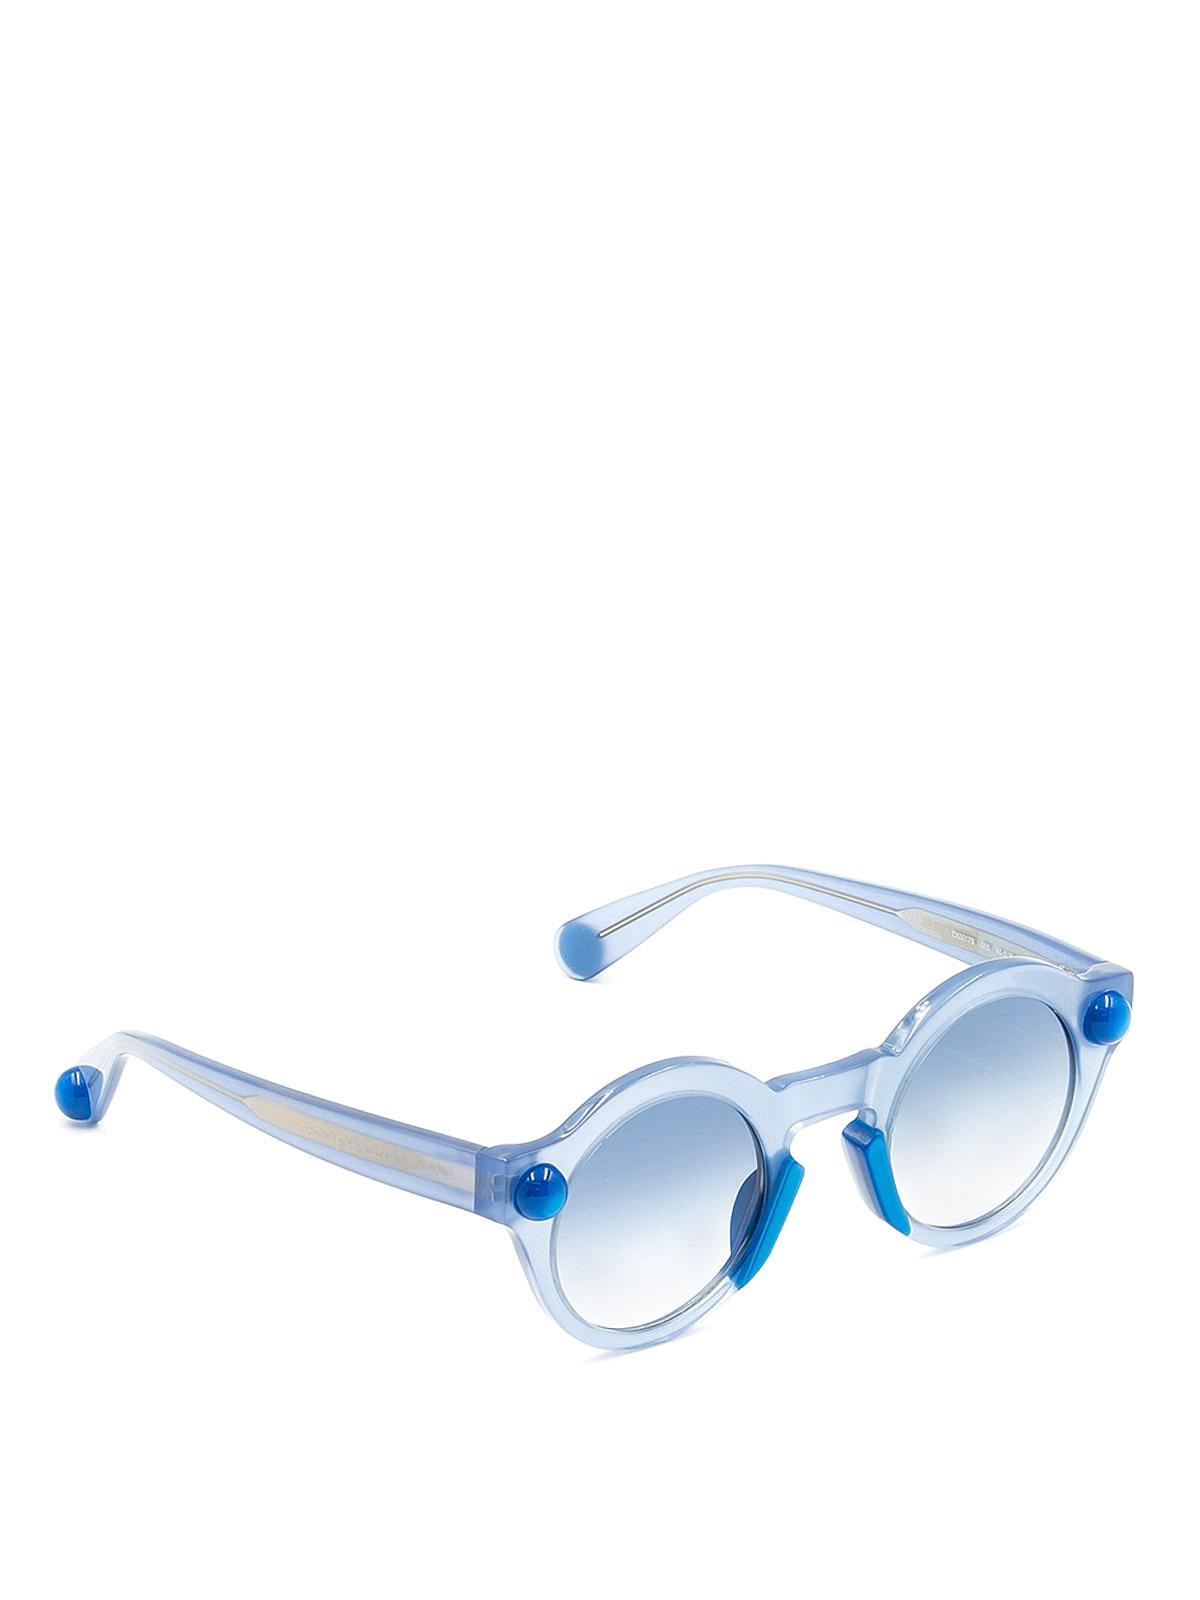 f12d81237f23e CHRISTOPHER KANE  Lunettes de soleil - Lunettes De Soleil - Bleu Clair